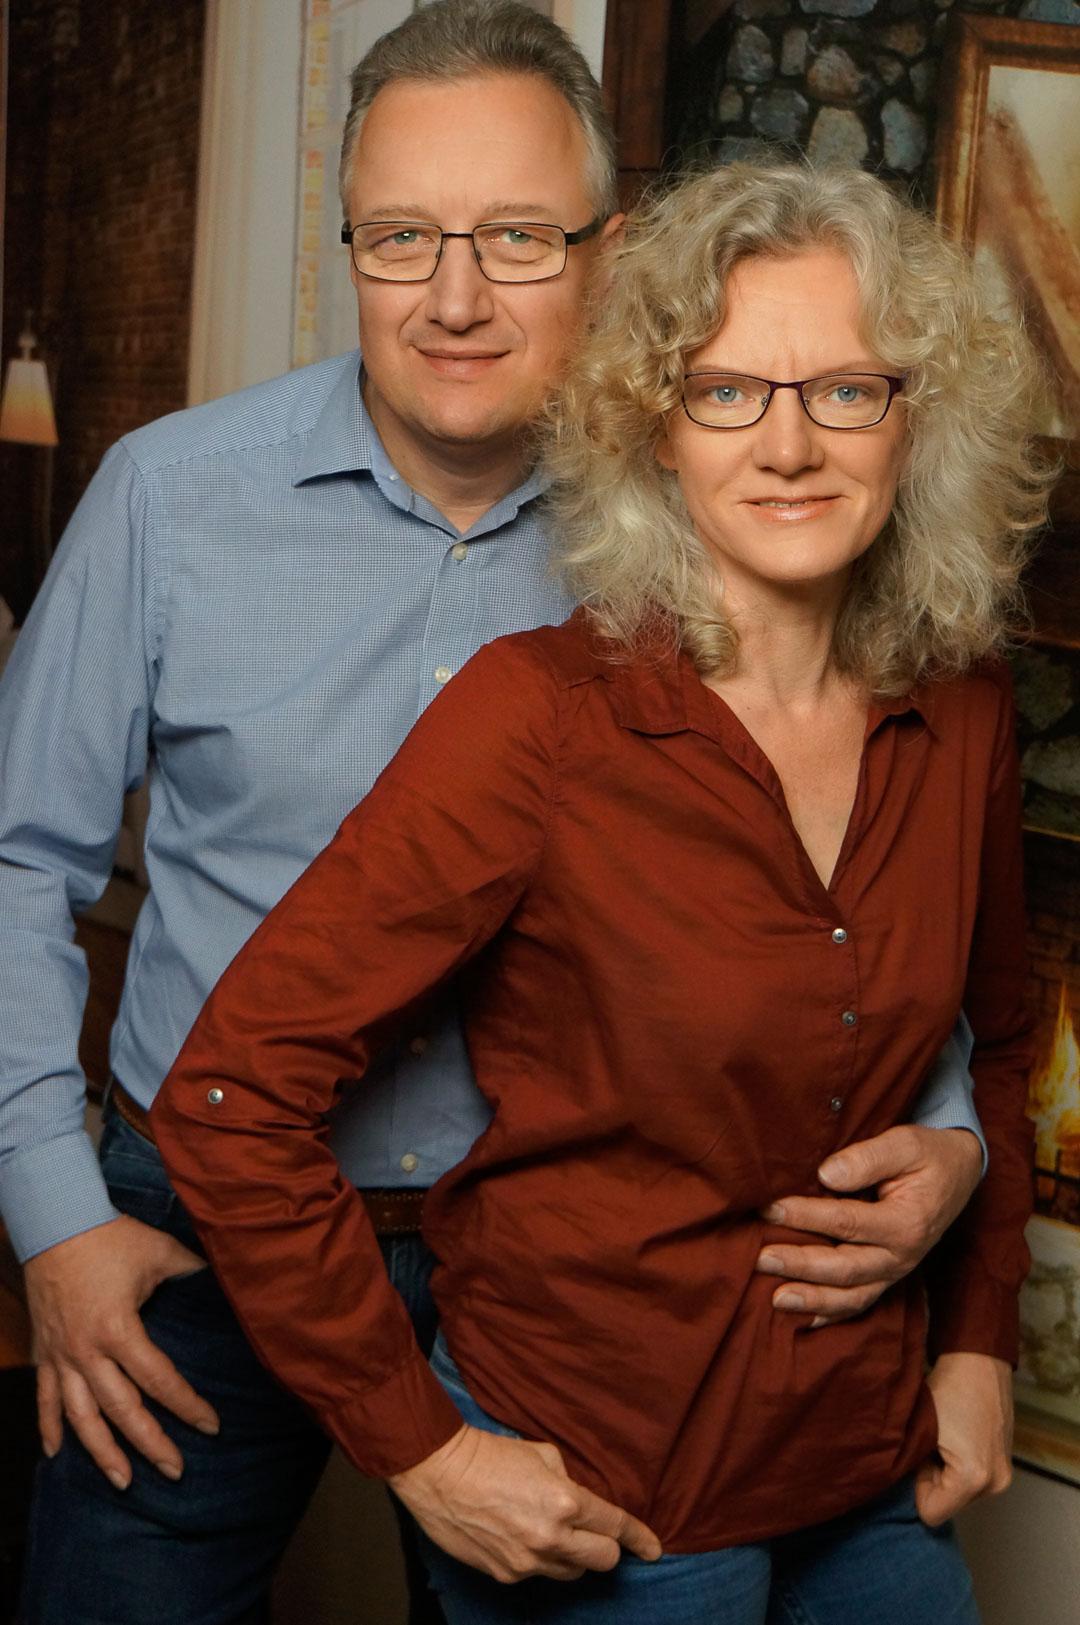 Naturschlafexperte Sabine und Georg Niebler